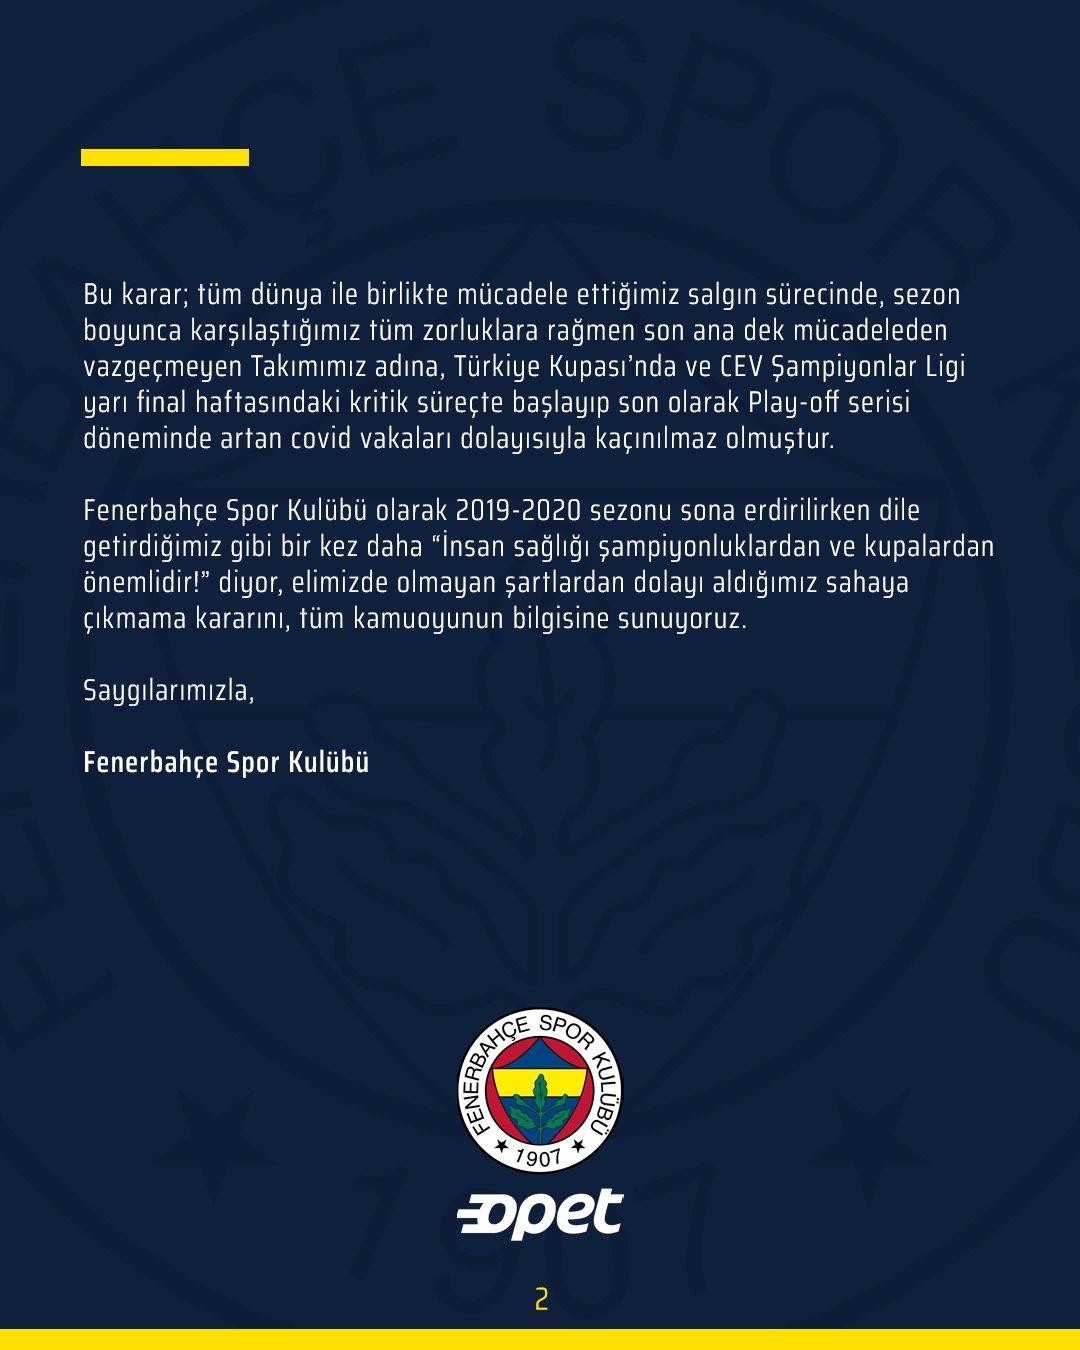 Koronavirüs şampiyonluktan etti! Fenerbahçe Opet, Vakıfbank maçına çıkmayacak